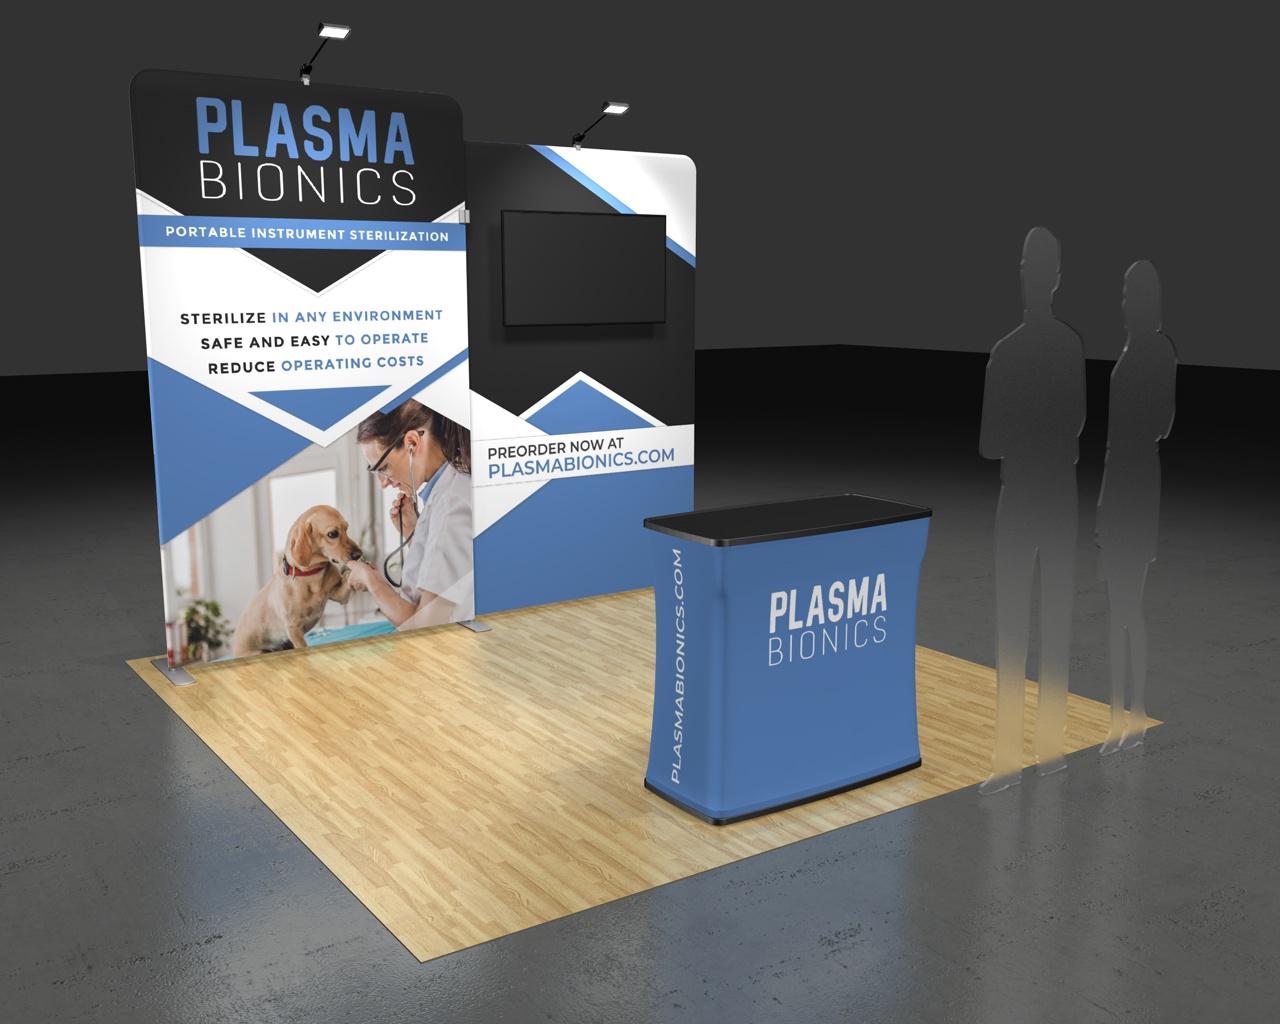 Plasma Bionics